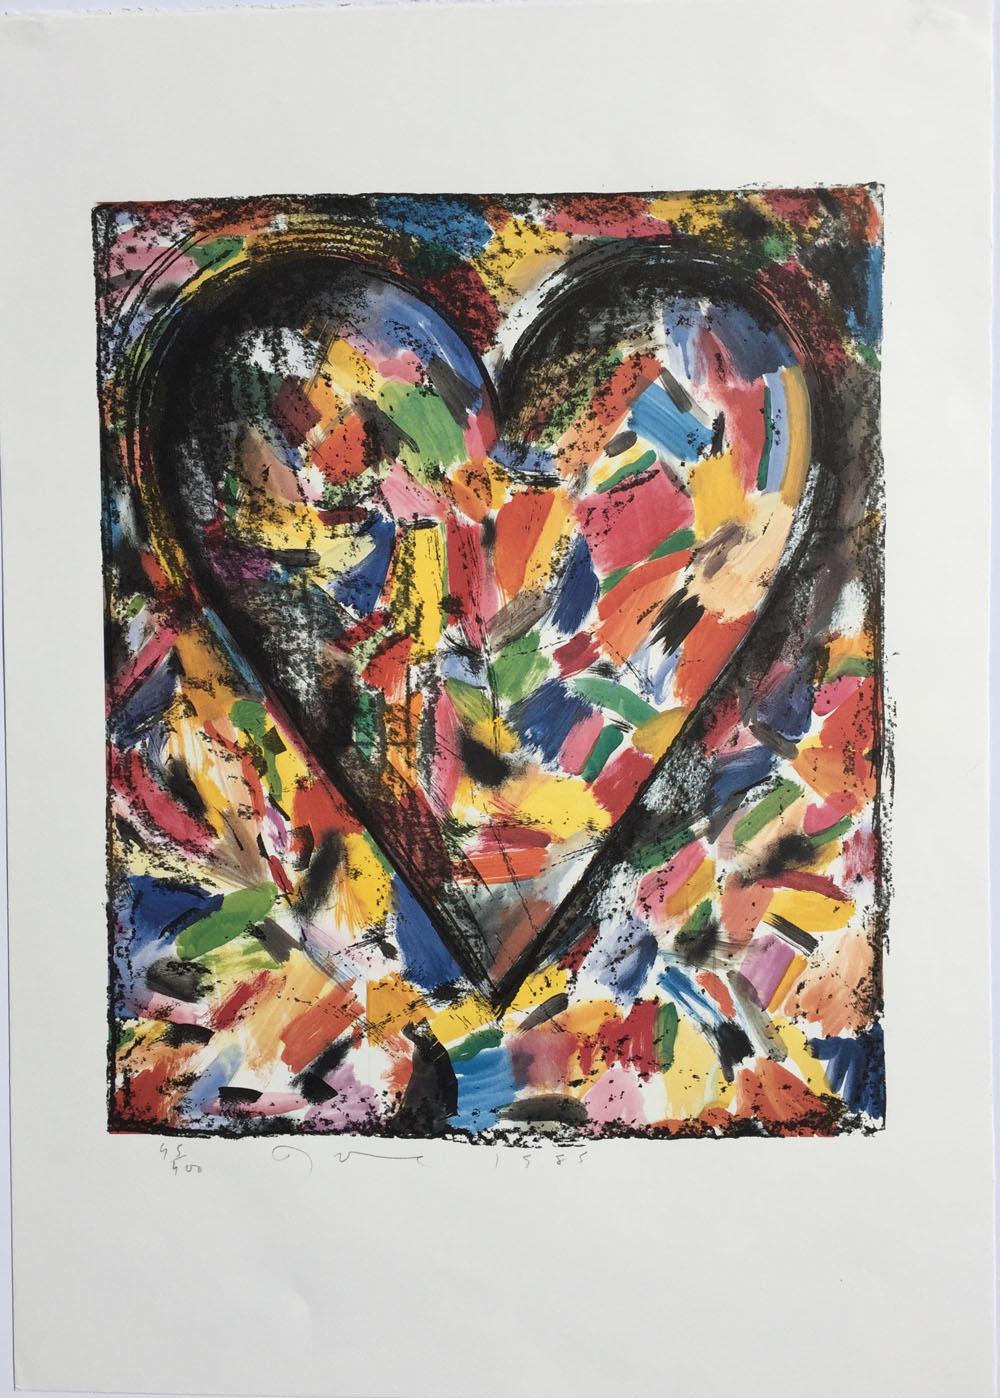 Jim Dine - The Confetti Heart